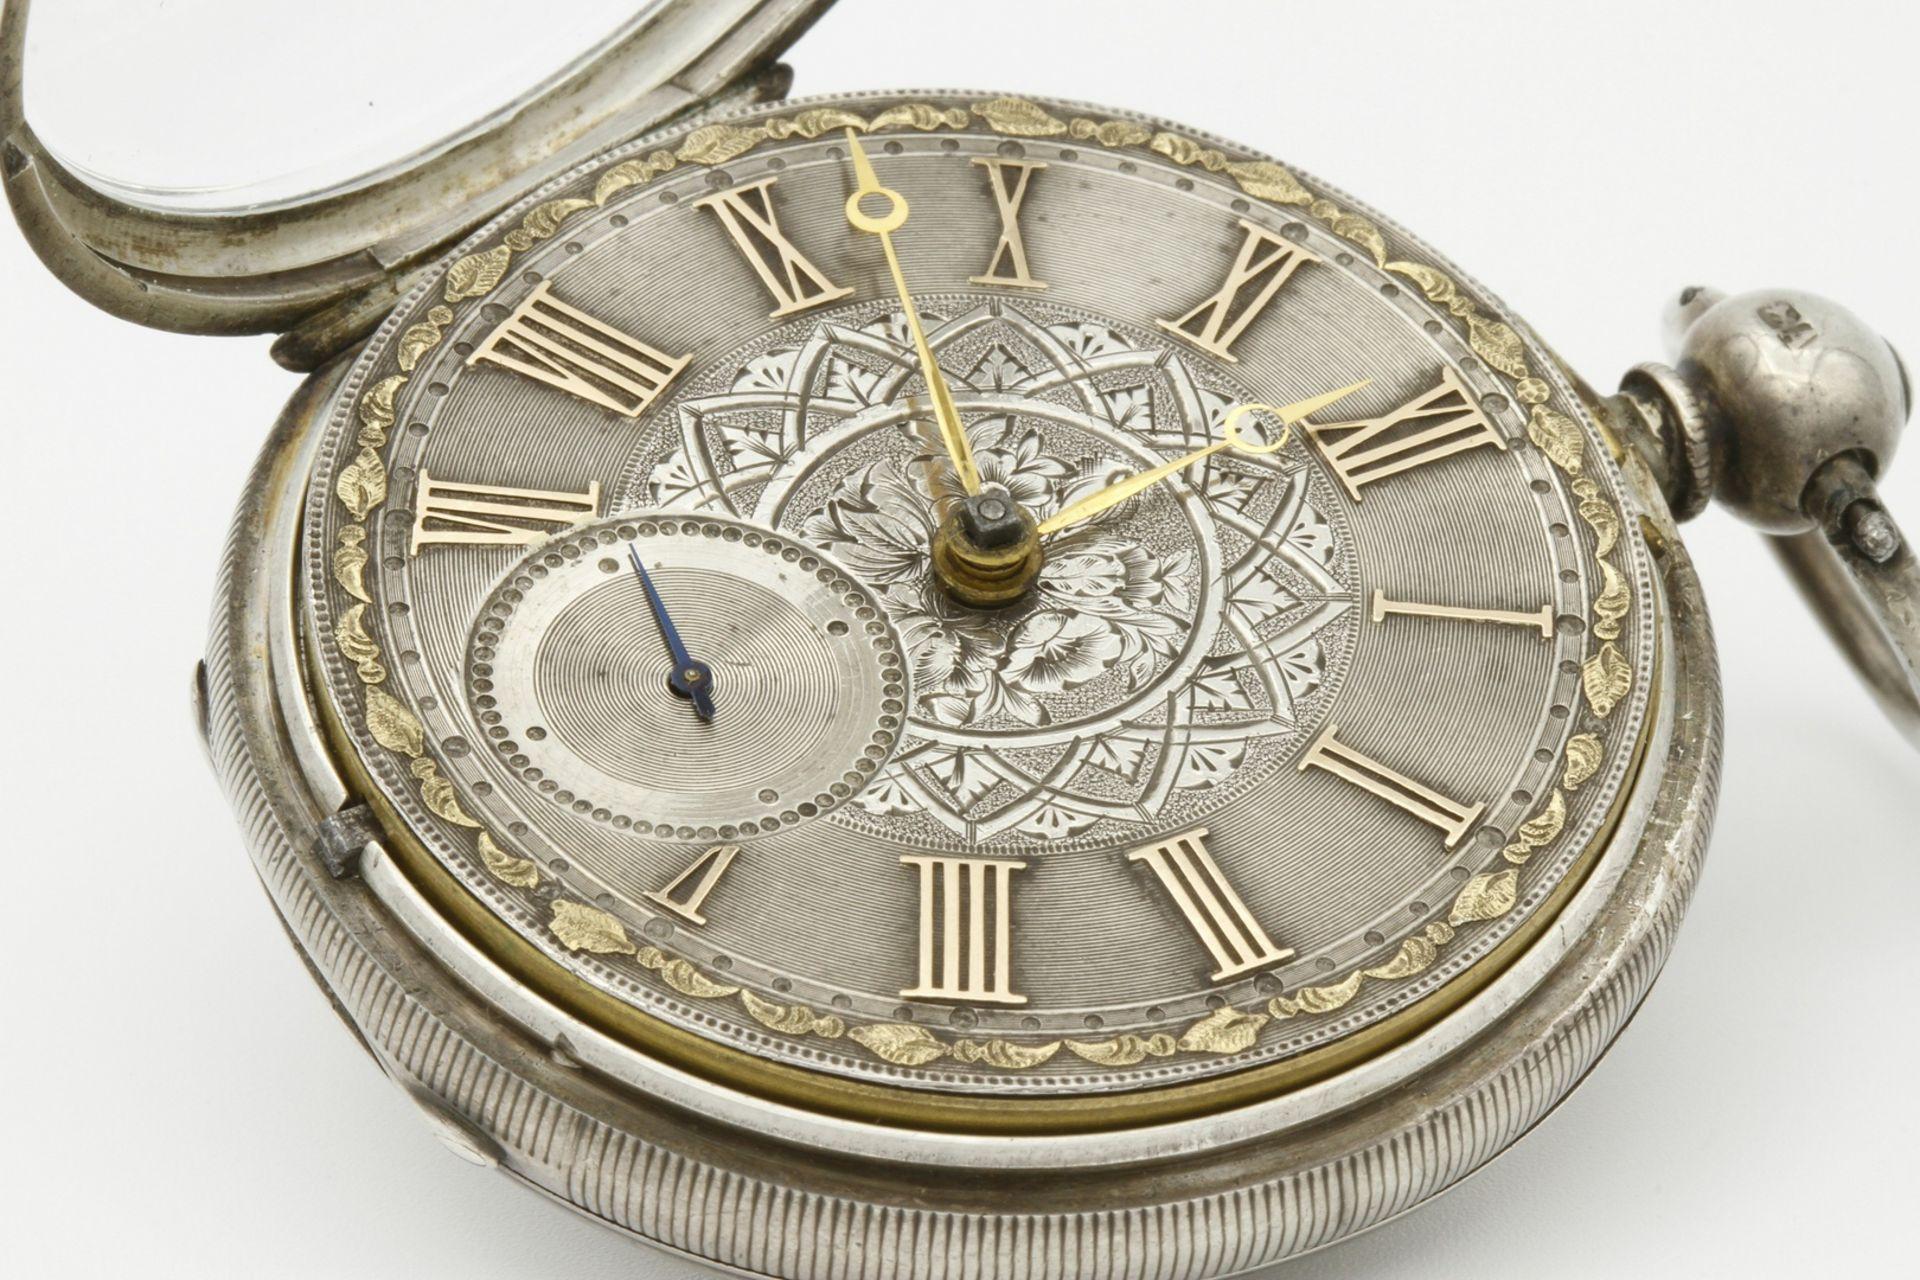 Aufwendig verzierte englische Silbertaschenuhr, um 1870 - Bild 3 aus 7